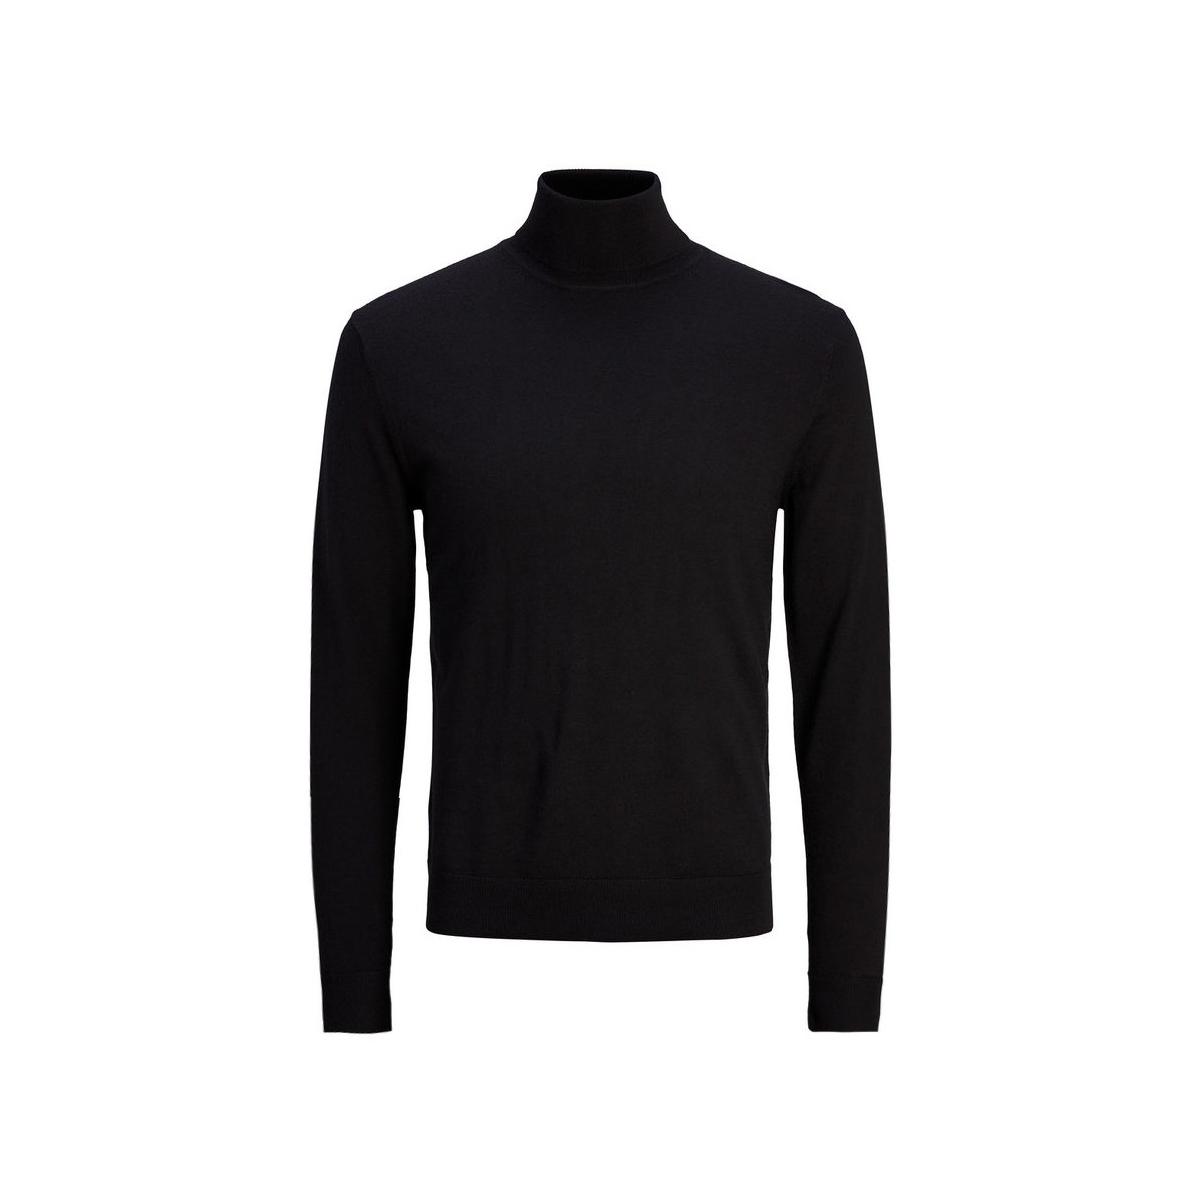 jprmark knit roll neck 12113489 jack & jones trui black